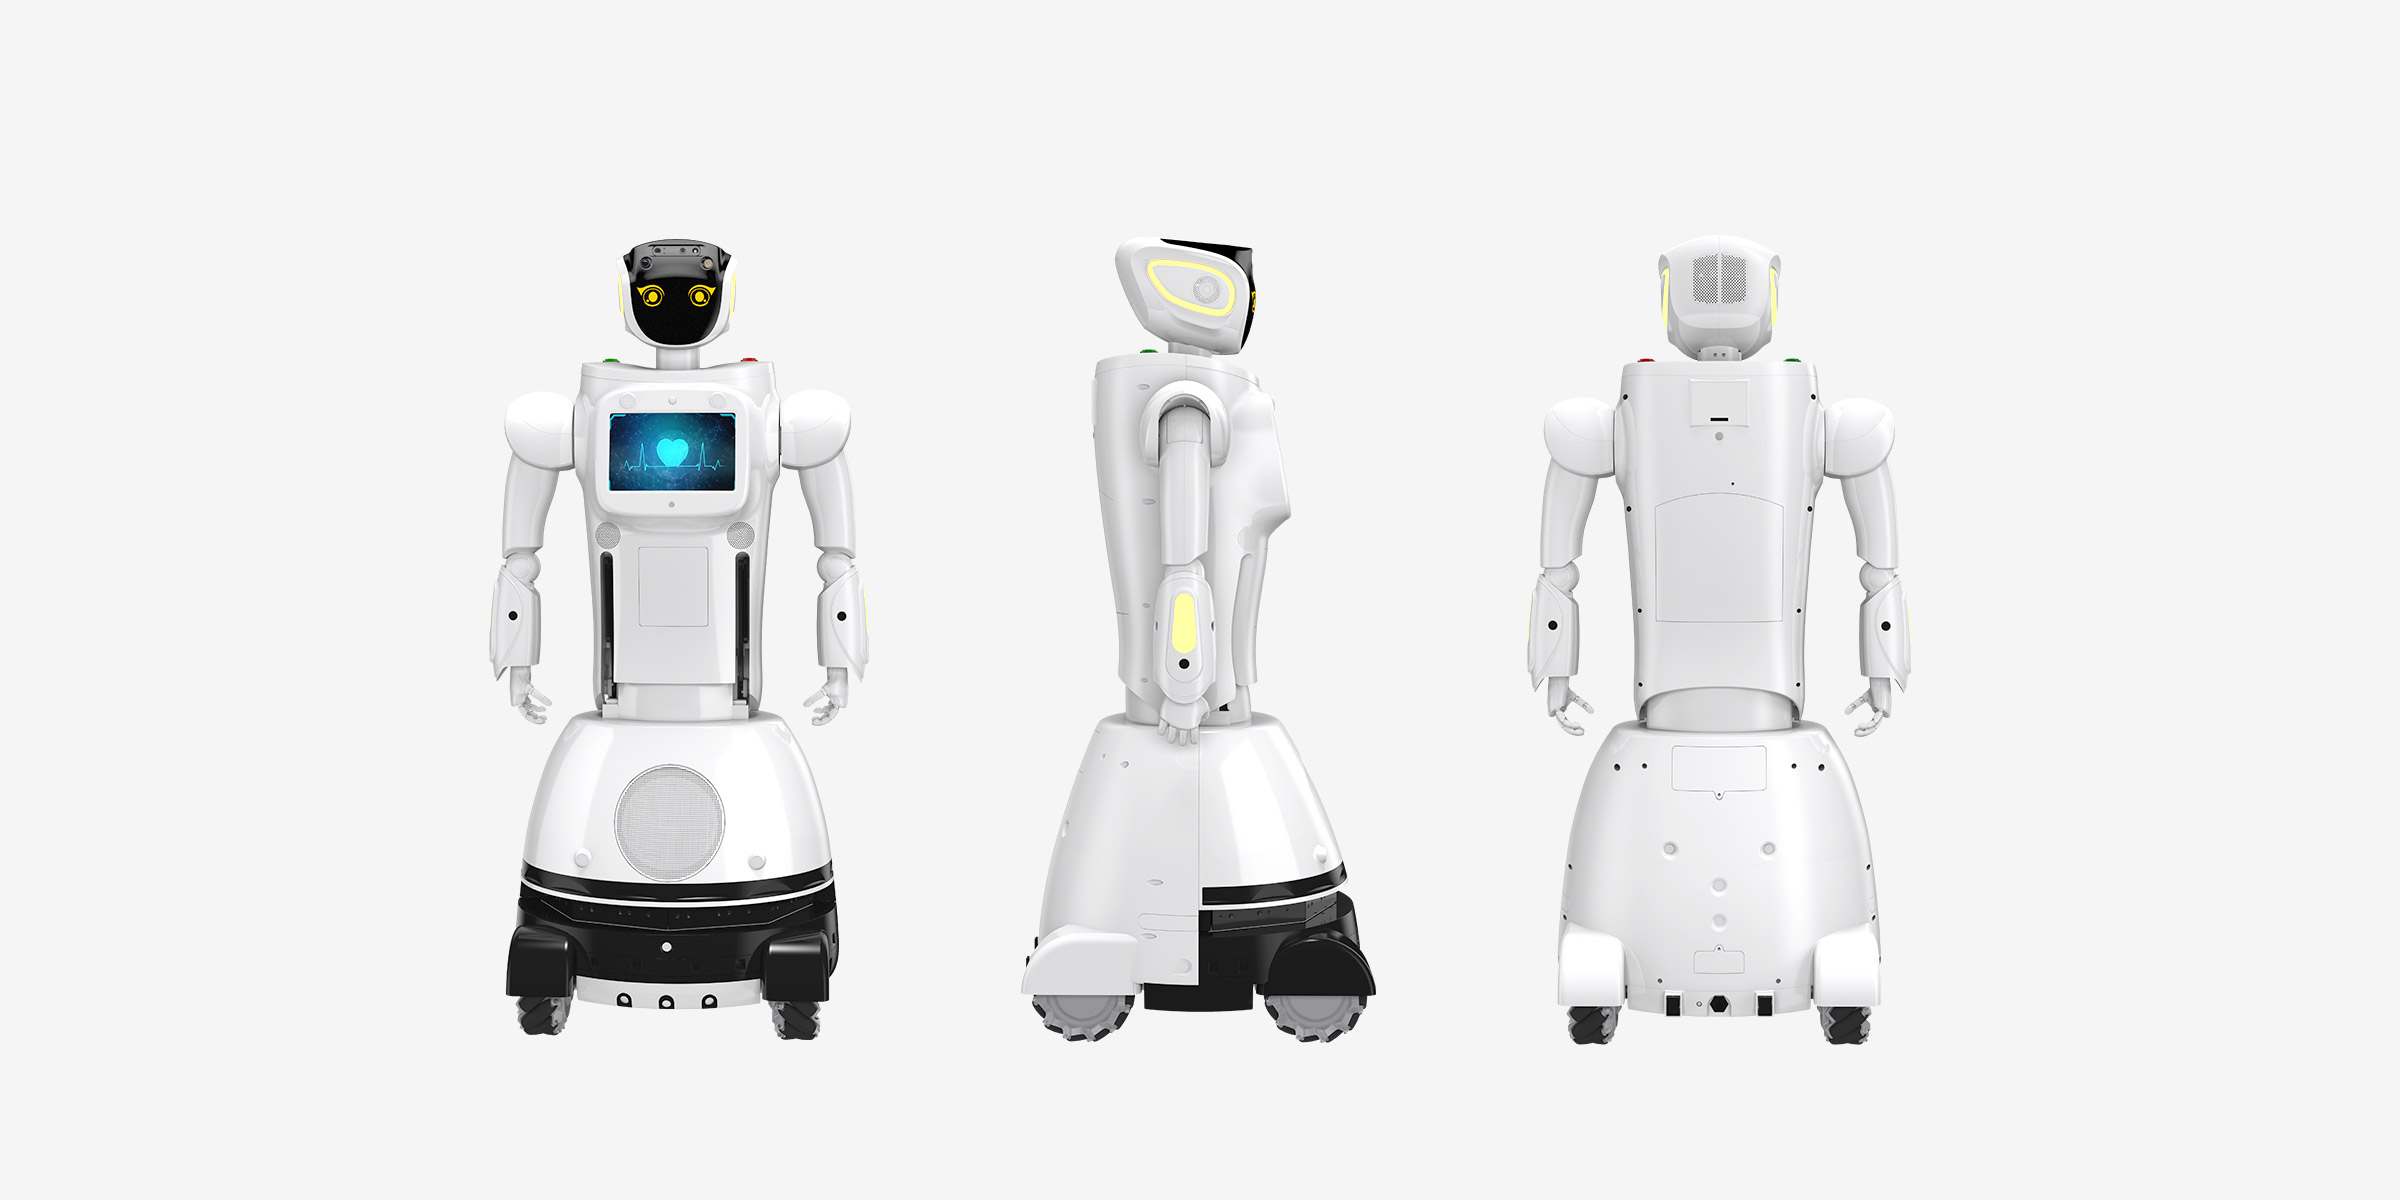 Народные суды КНР начинают использовать роботов